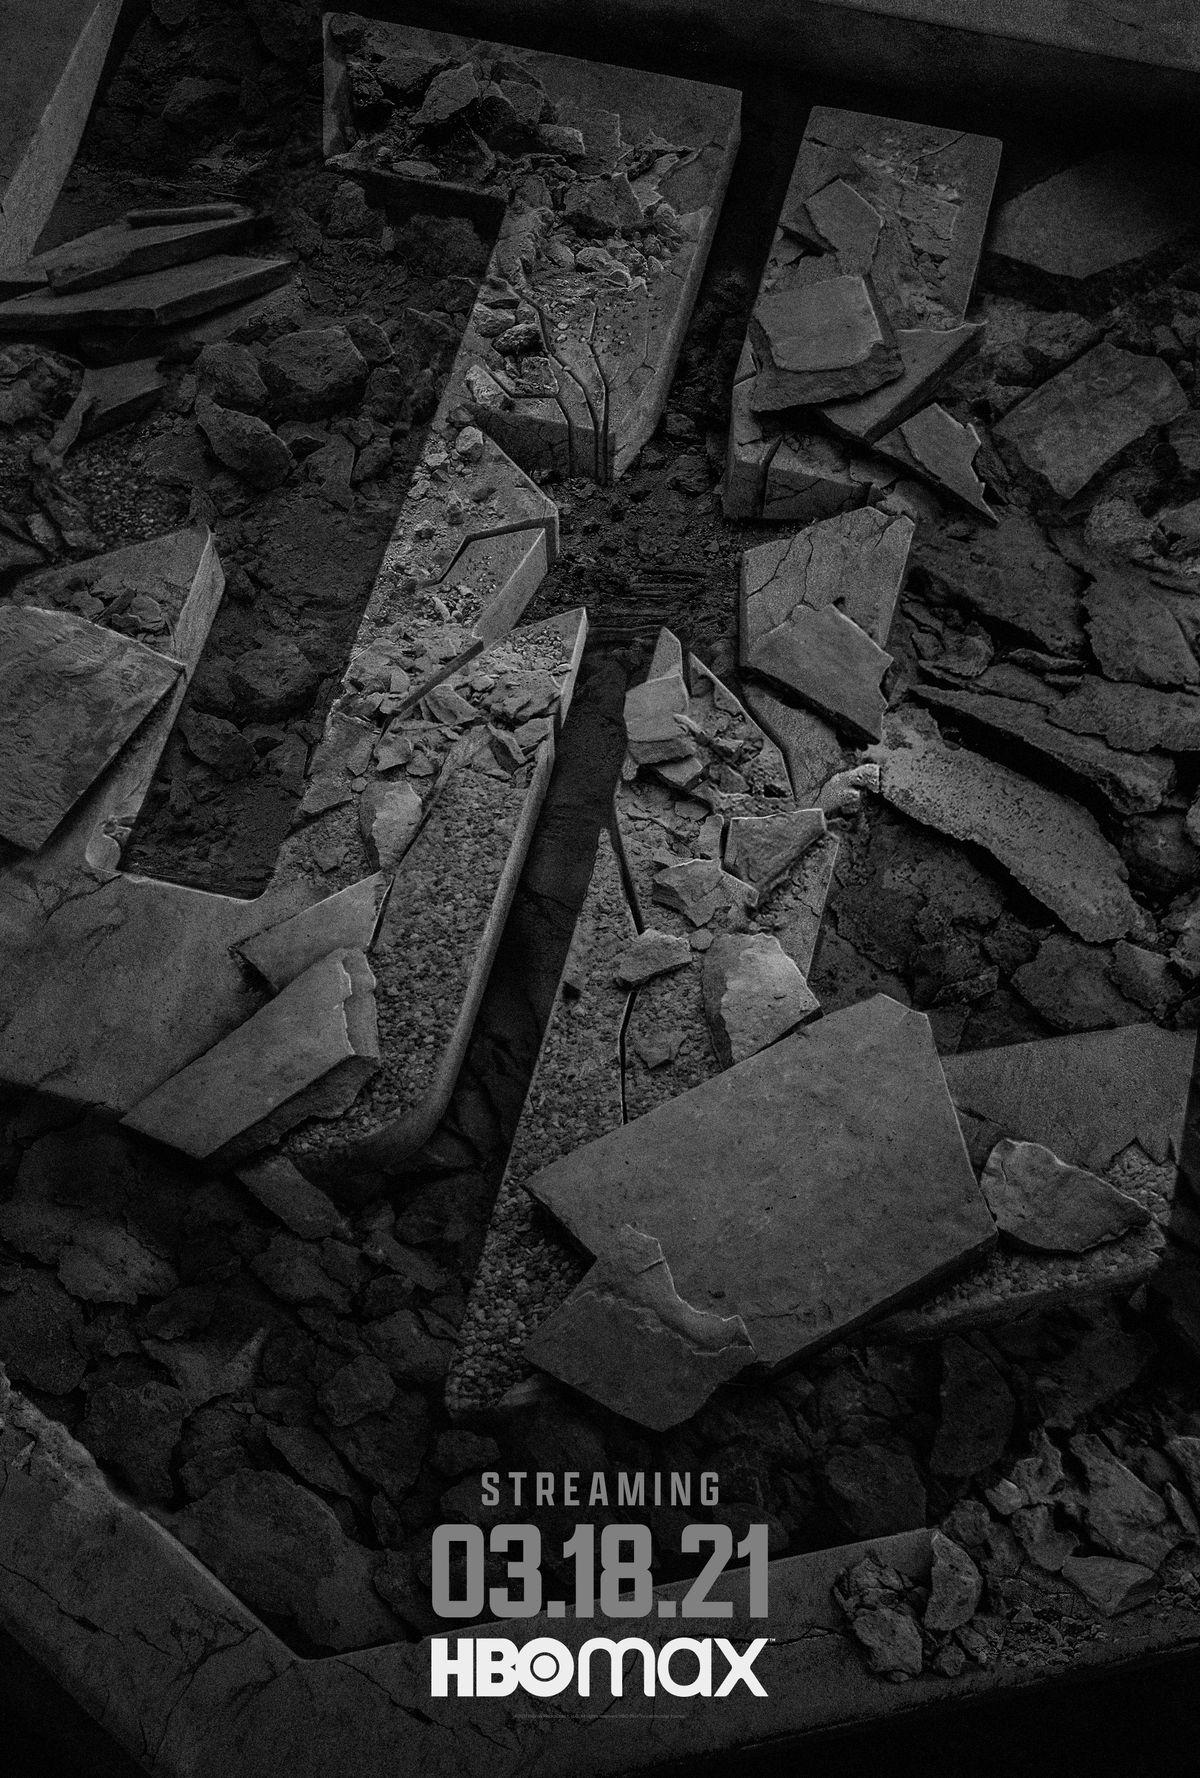 Justice League Snyder Cut rubble logo poster